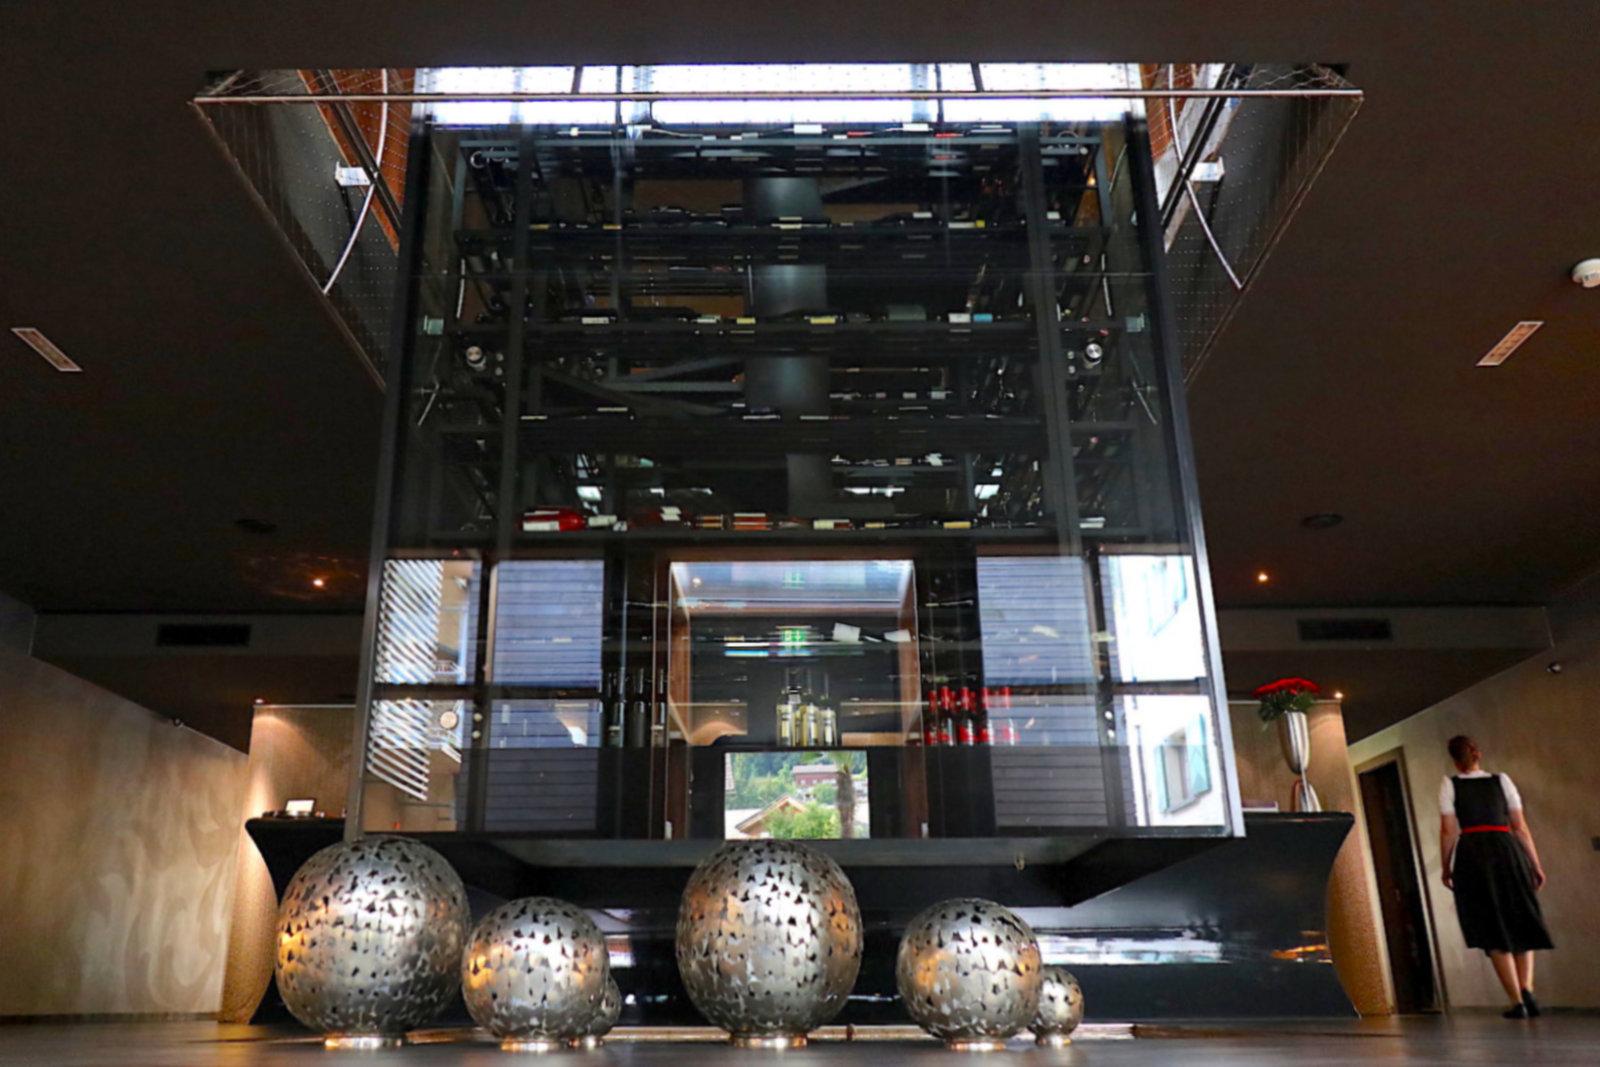 Hotel Gams. Der Wein-Glas-Turm erstreckt sich über zwei Stockwerke und ragt tief in die Lobby hinein.